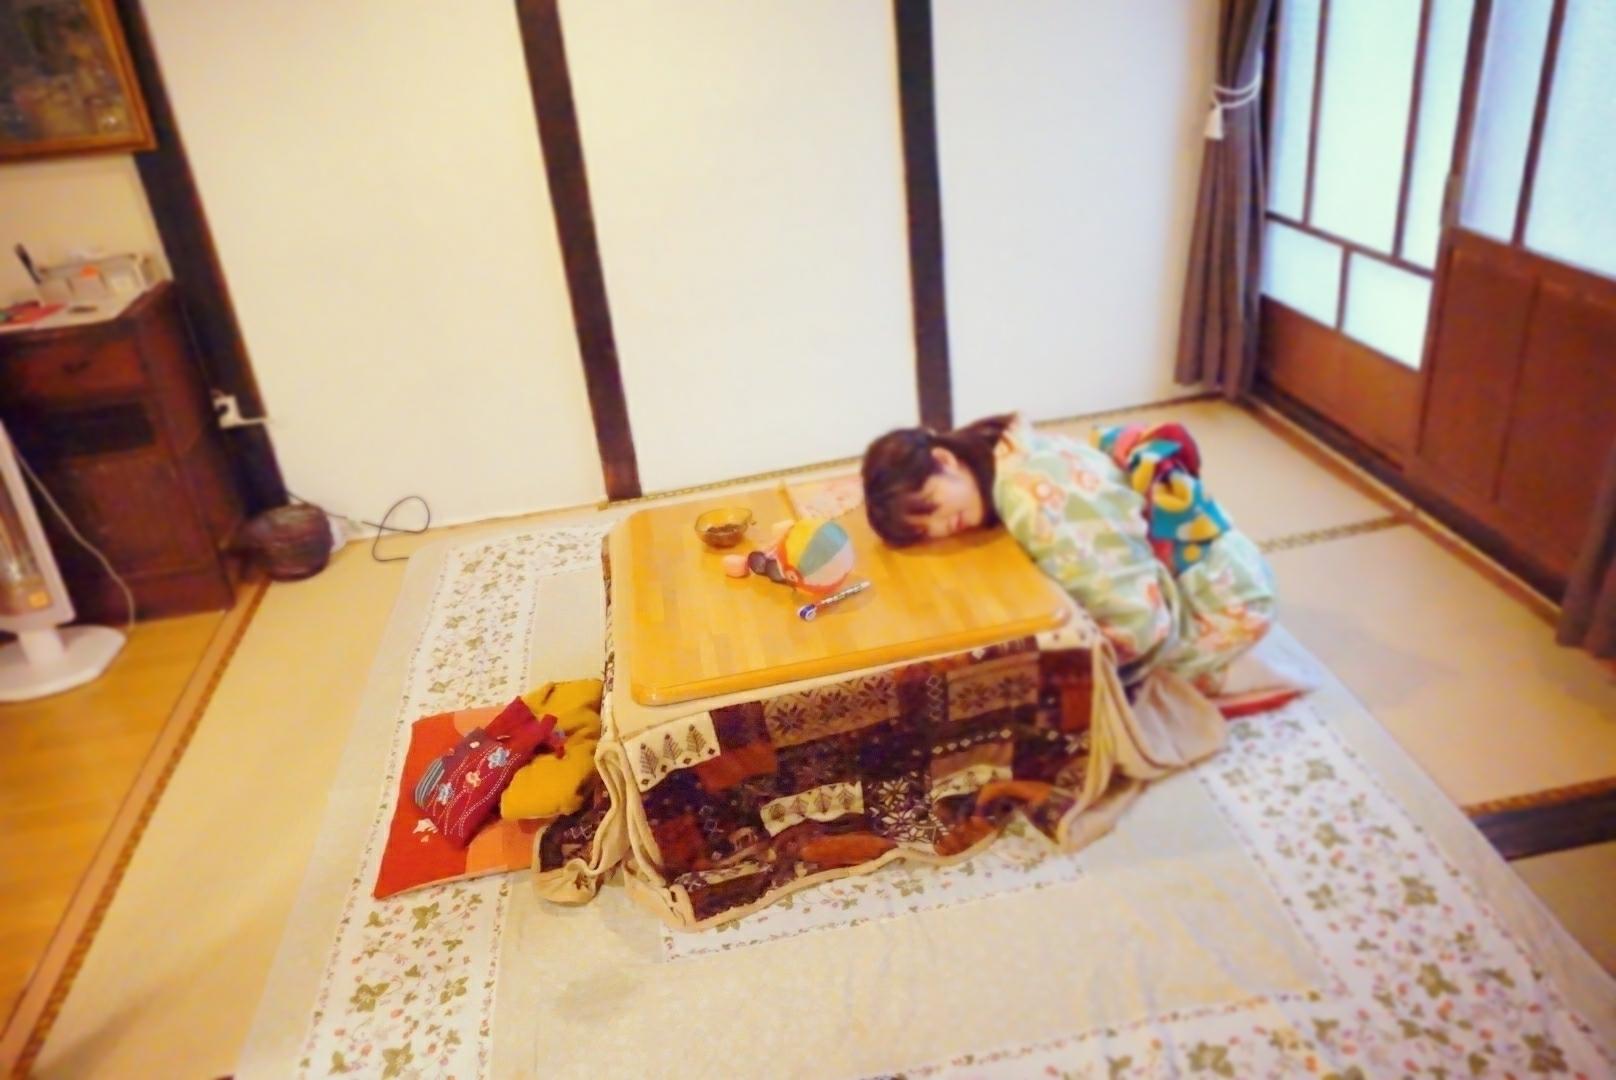 【京都・七条京阪】古民家貸切 女子会/撮影会/少人数パーティーなど(KAKUREGA SPACE NANA) の写真0